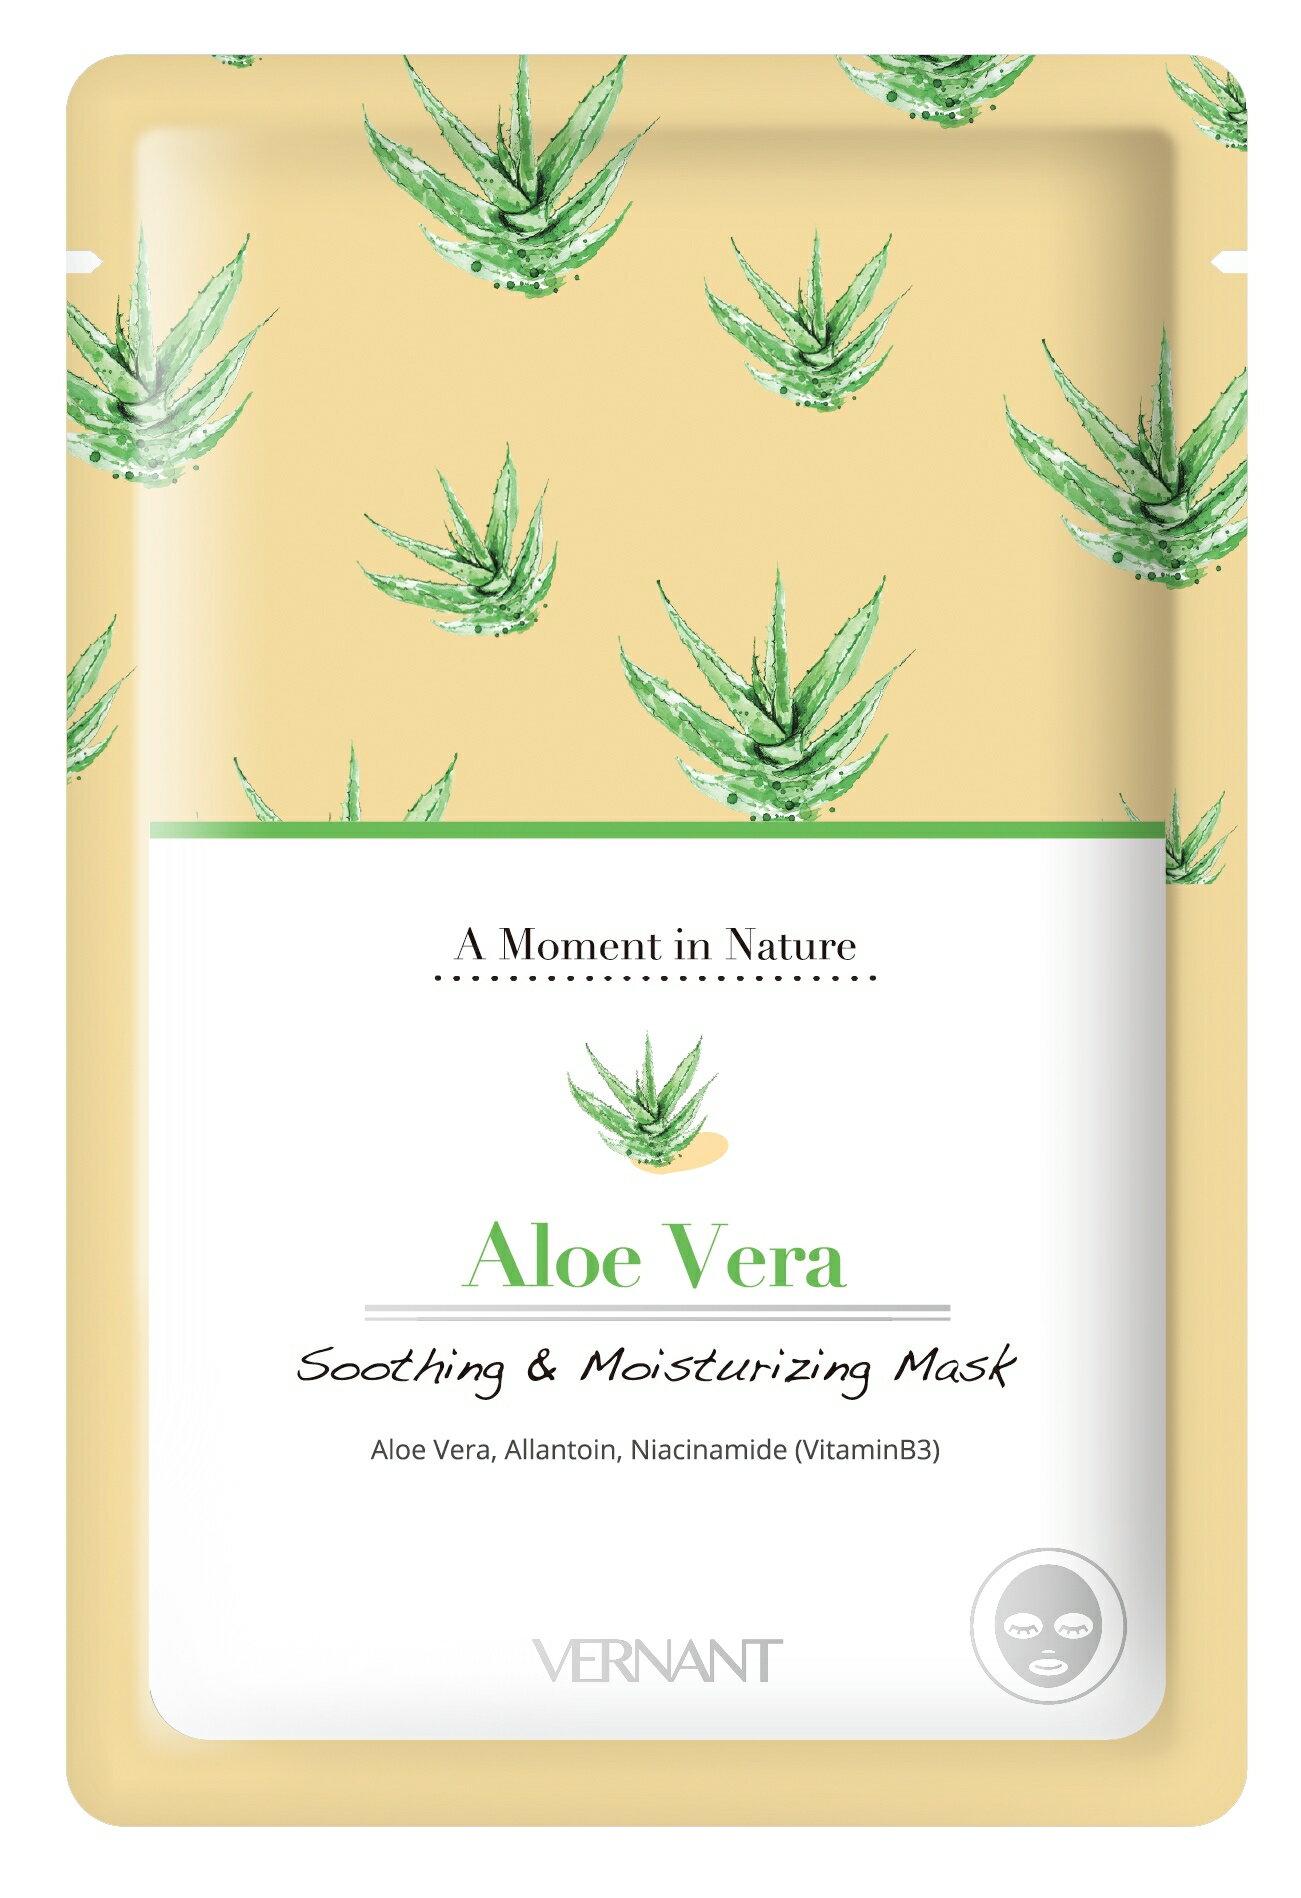 薇凝 蘆薈舒緩保濕面膜 八片入 蘆薈精華沒藥醇維他B5  Aloe Vera Soothing & Moisturizing Mask